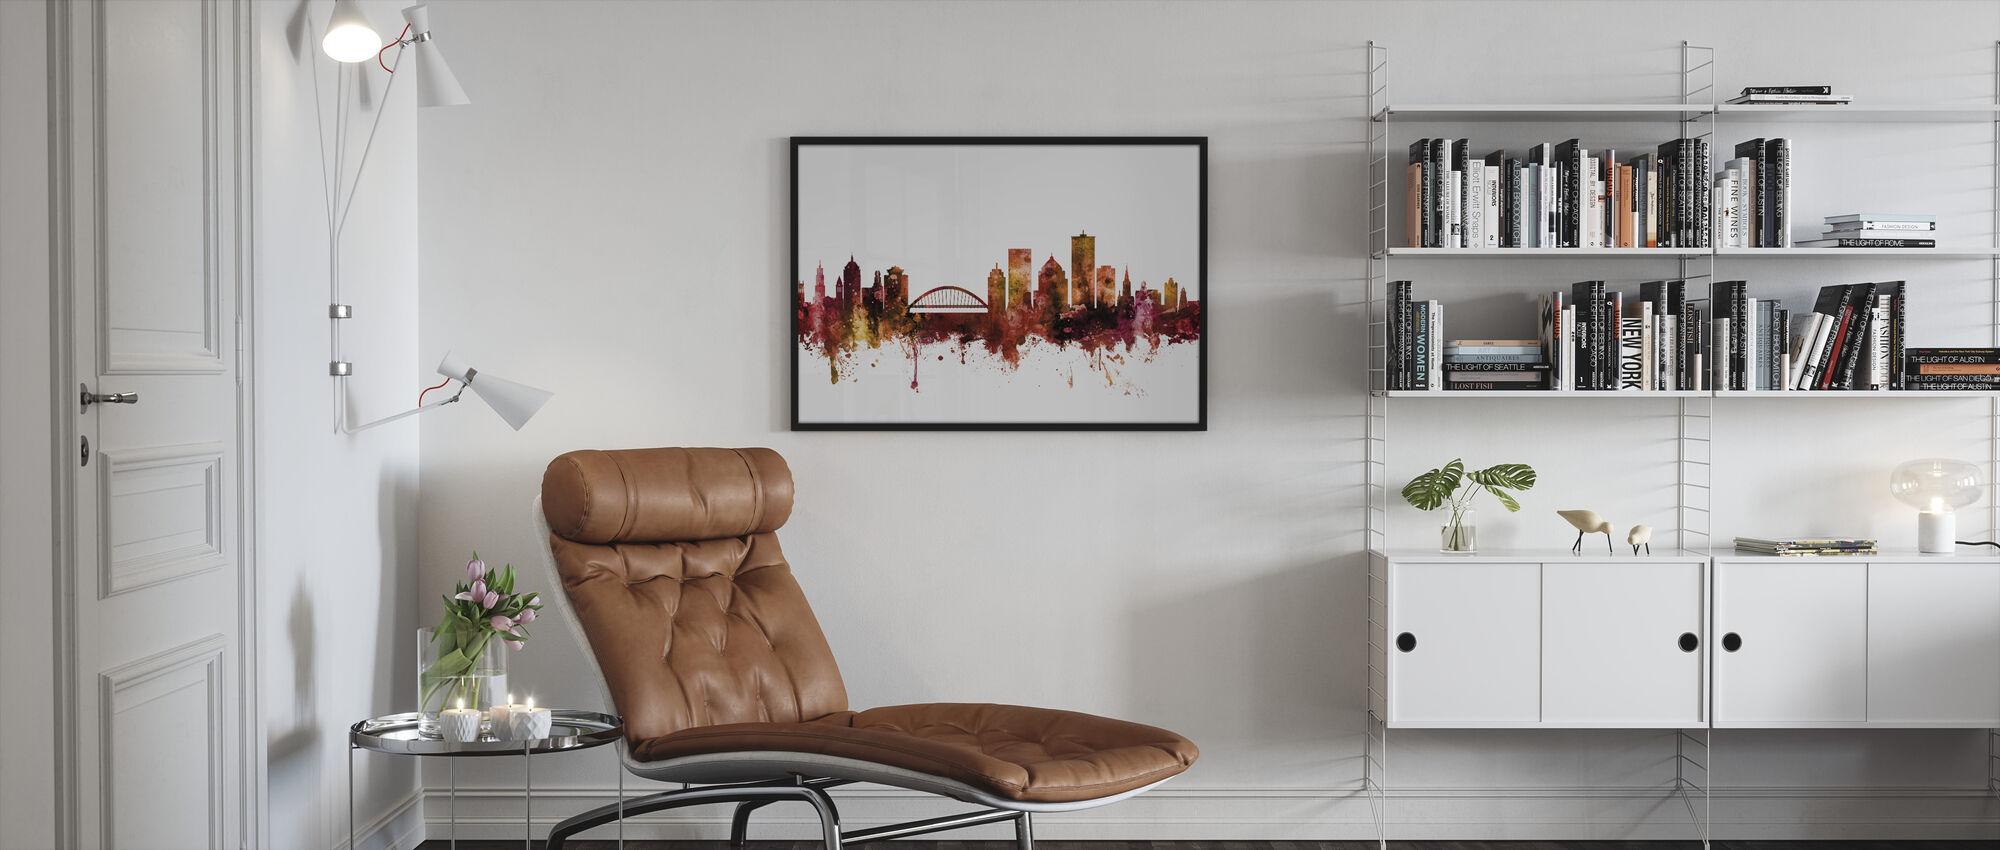 Rochester New York Skyline - Framed print - Living Room